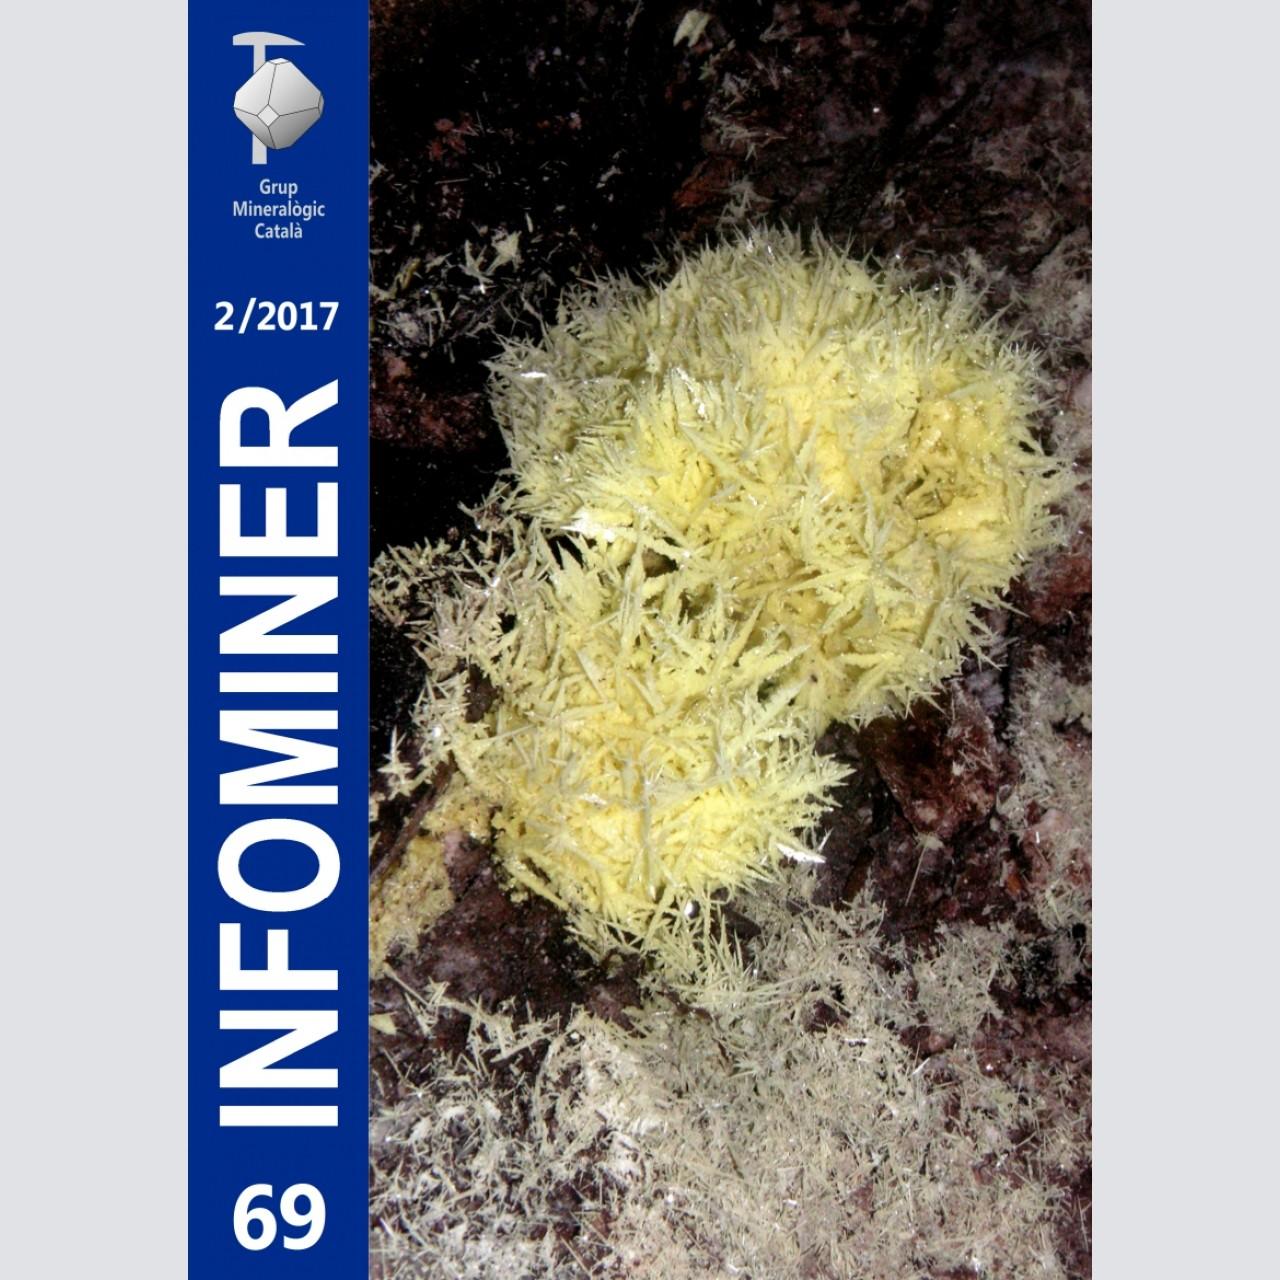 Infominer 69 (2/2017)